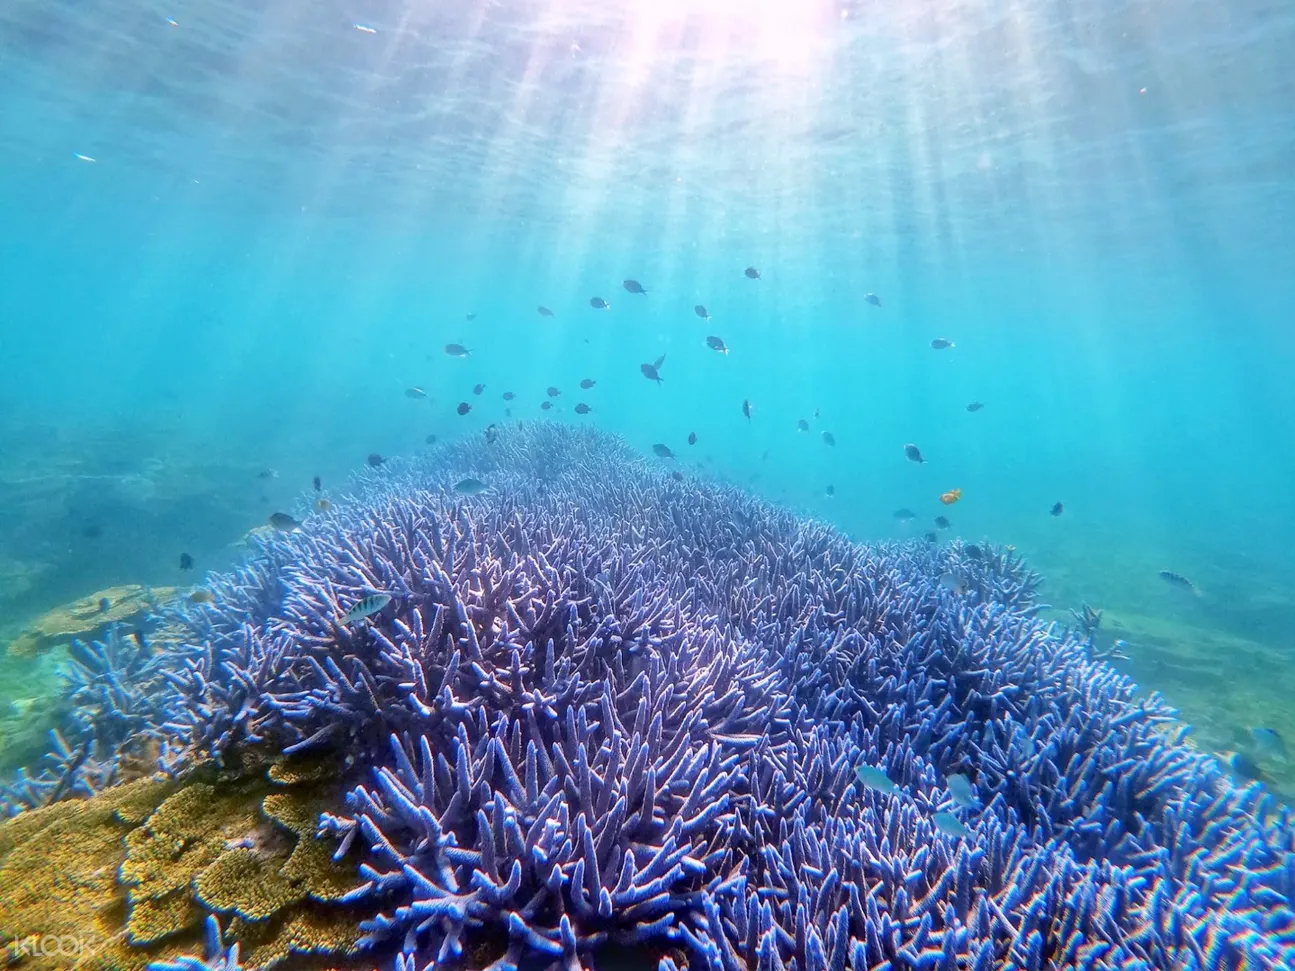 澎湖珊瑚礁天堂:忘憂島水上活動一日遊